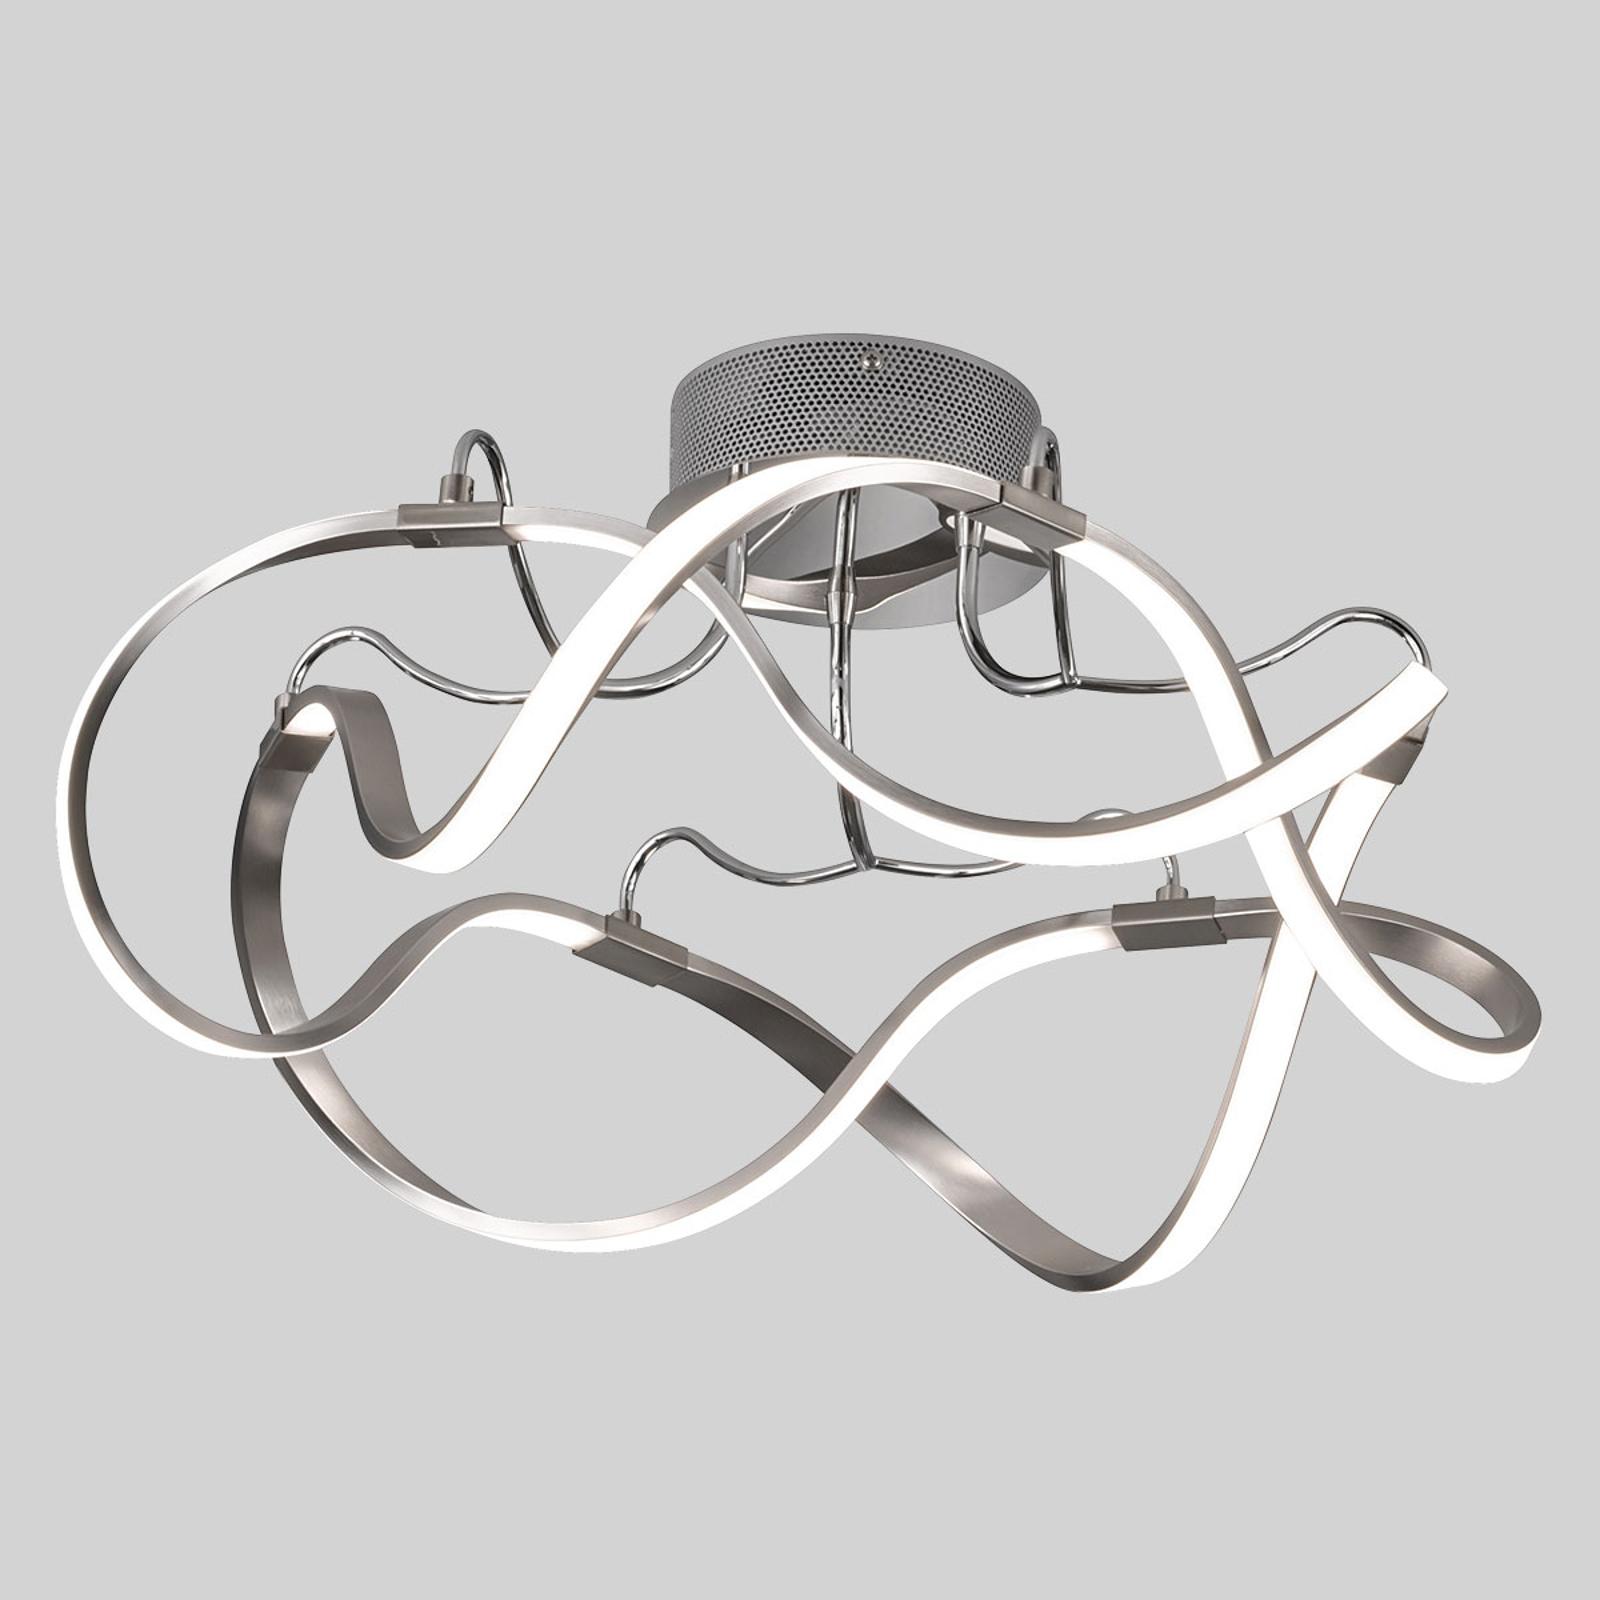 LED-taklampe Naxos dimbar med veggbryteren